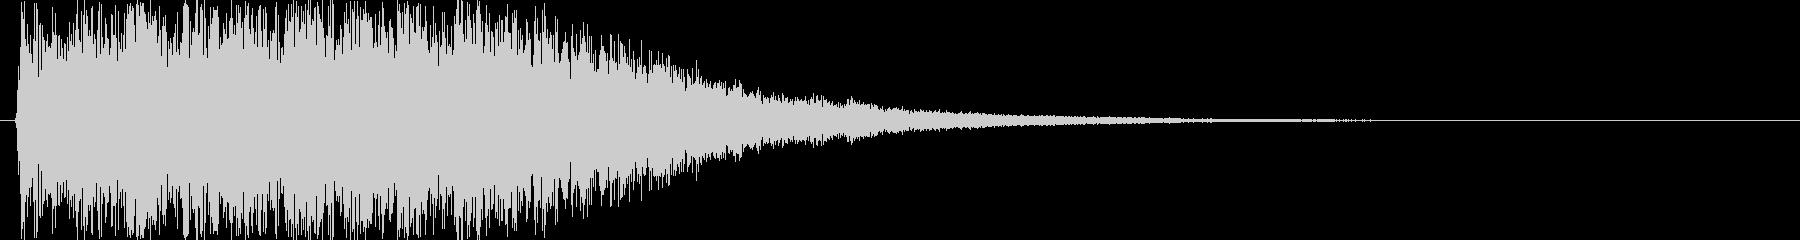 8bitなパワーアップ音 レベルアップの未再生の波形